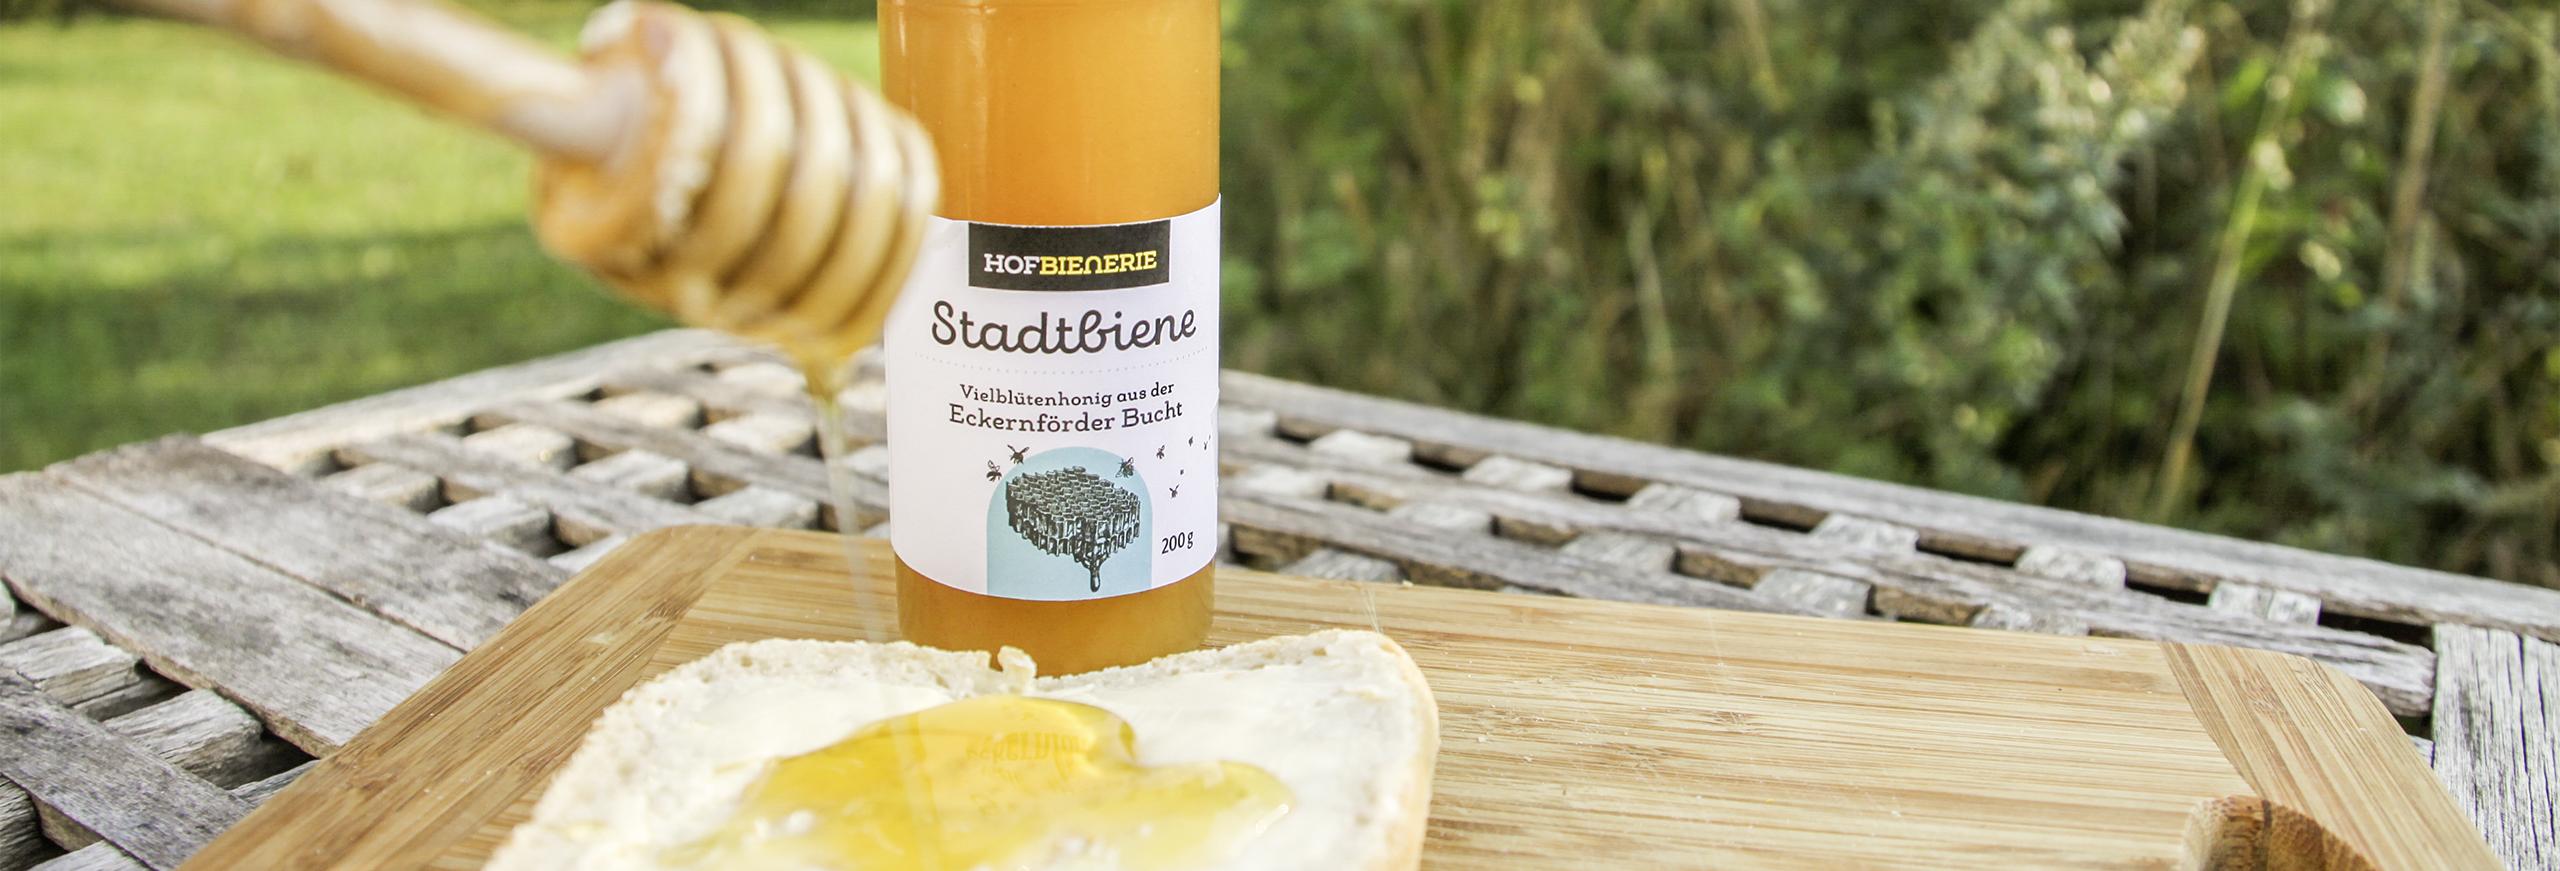 Hofbienrerie Honig kaufen